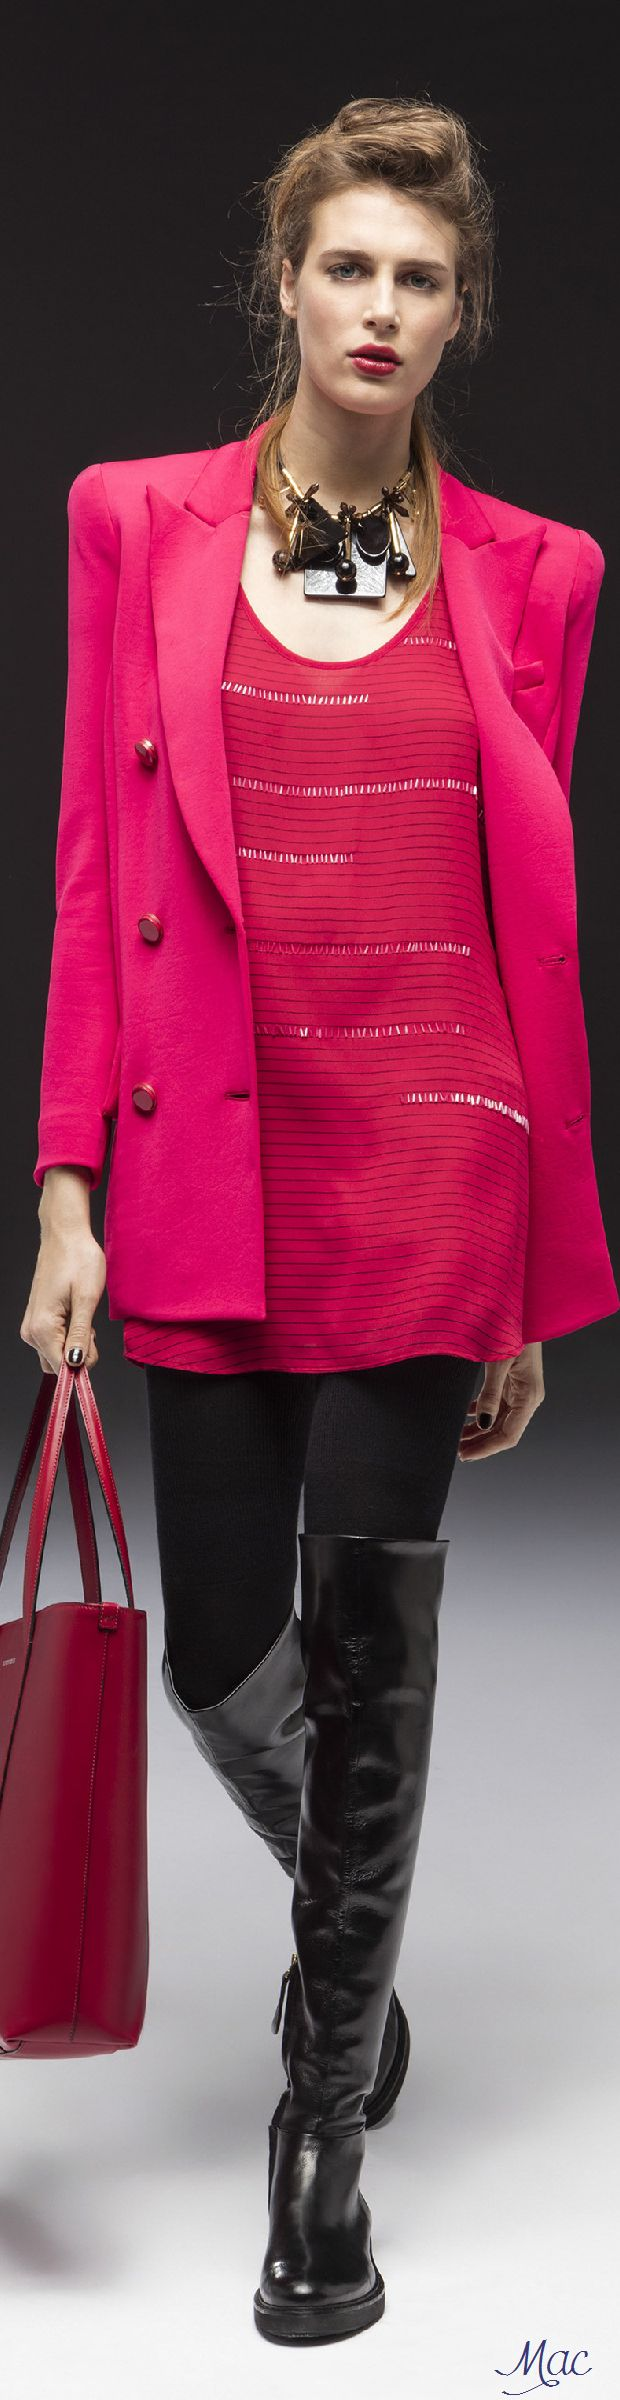 Giorgio armani fall/winter 2017 collection - milan fashion week